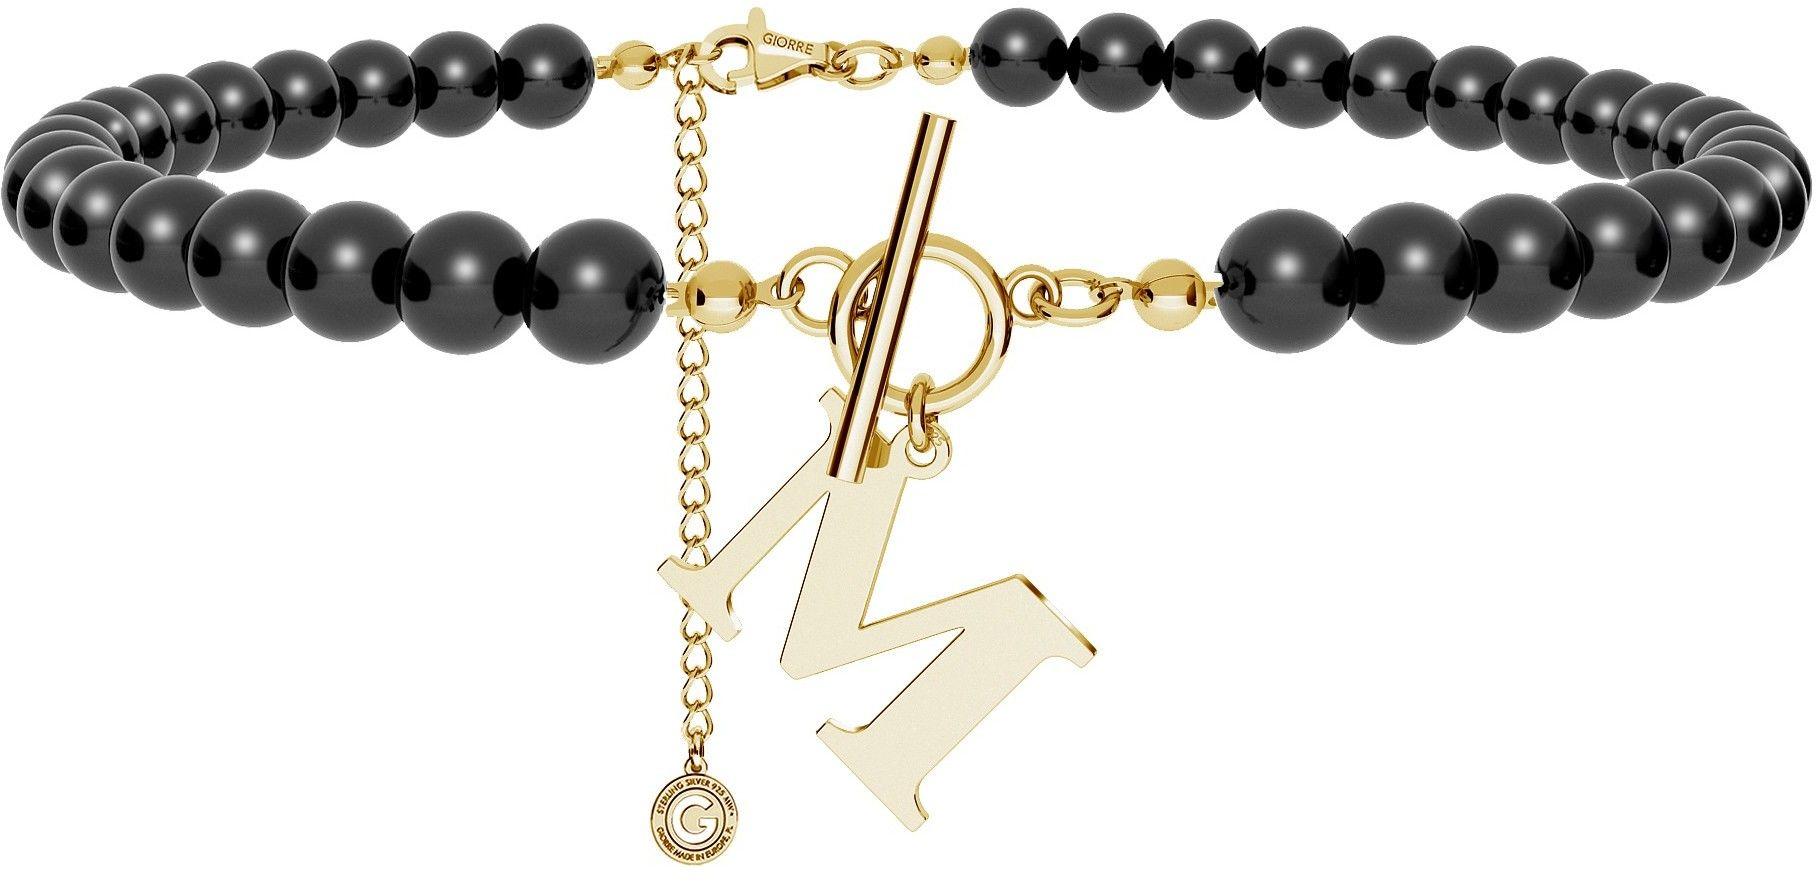 Czarny perłowy choker z dowolną literą, Swarovski, srebro 925 : Litera - Y, Srebro - kolor pokrycia - Pokrycie żółtym 18K złotem